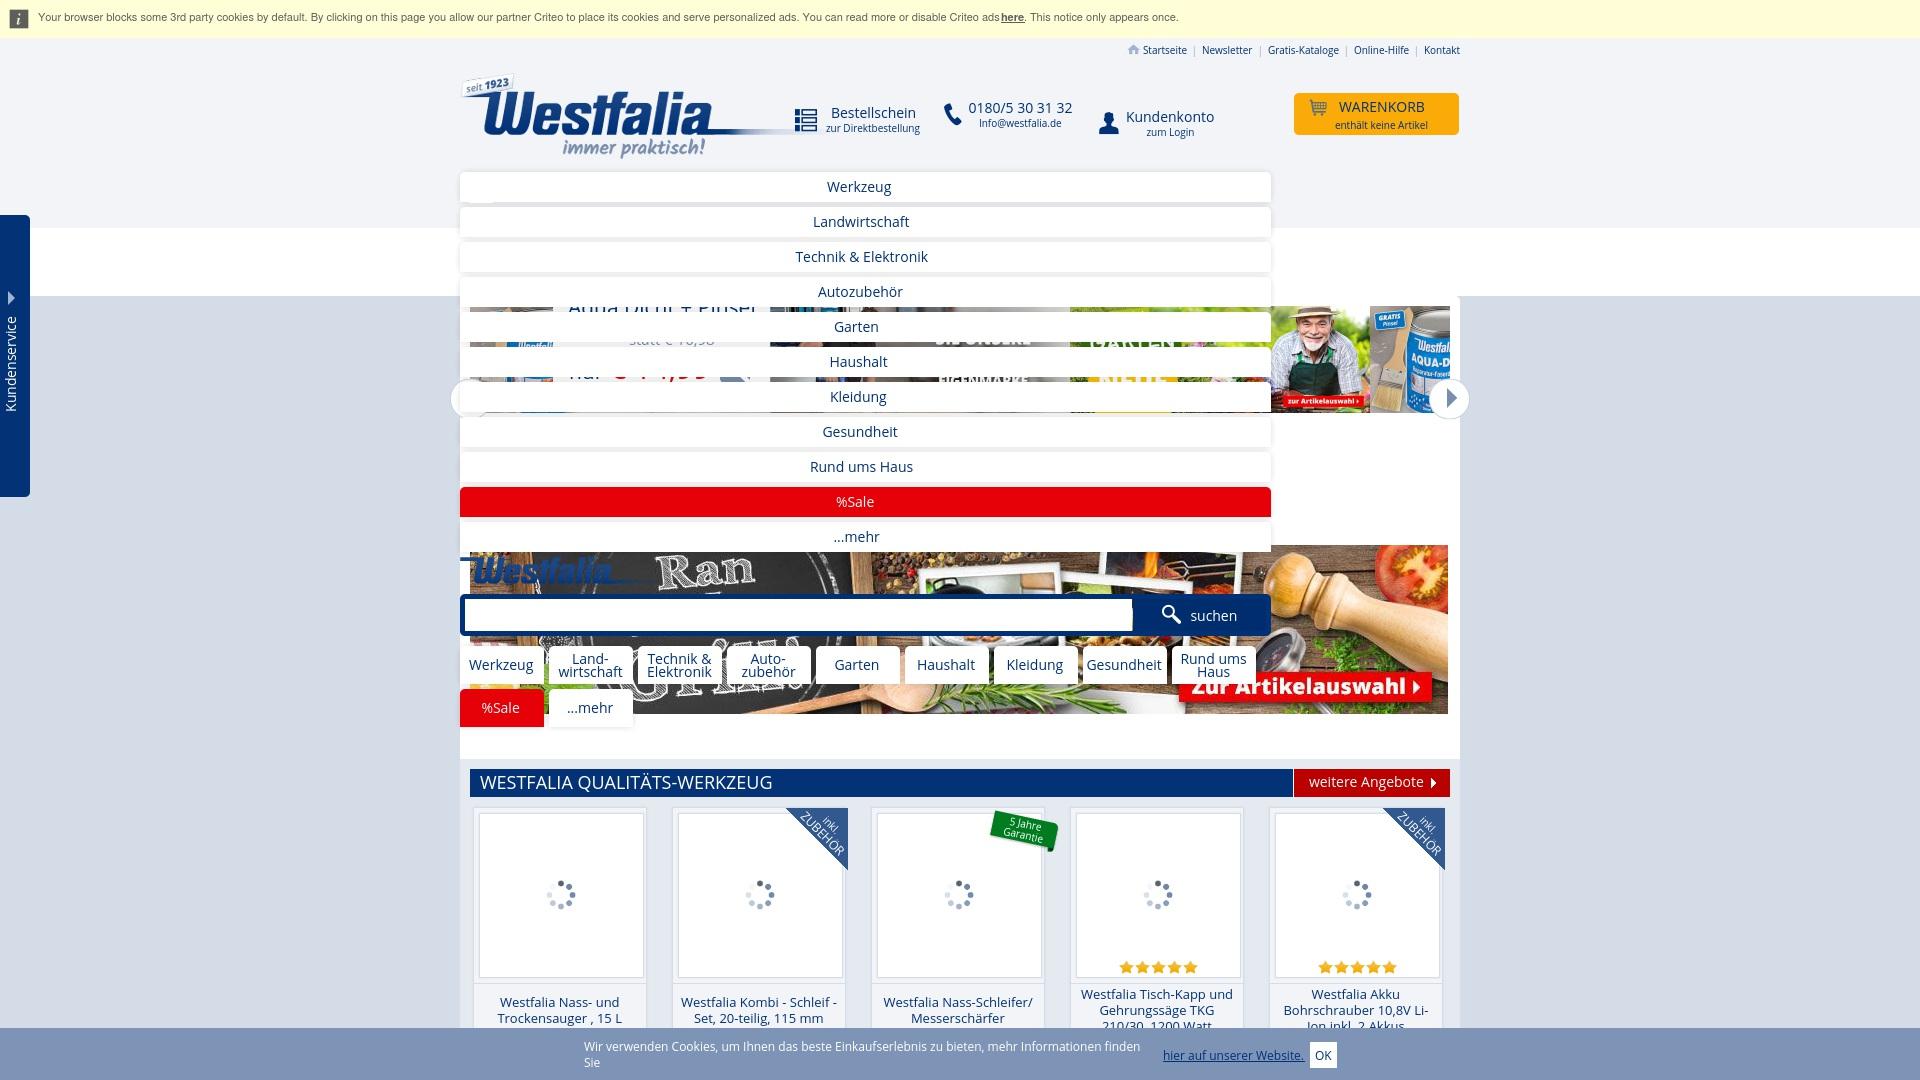 Gutschein für Westfalia: Rabatte für  Westfalia sichern